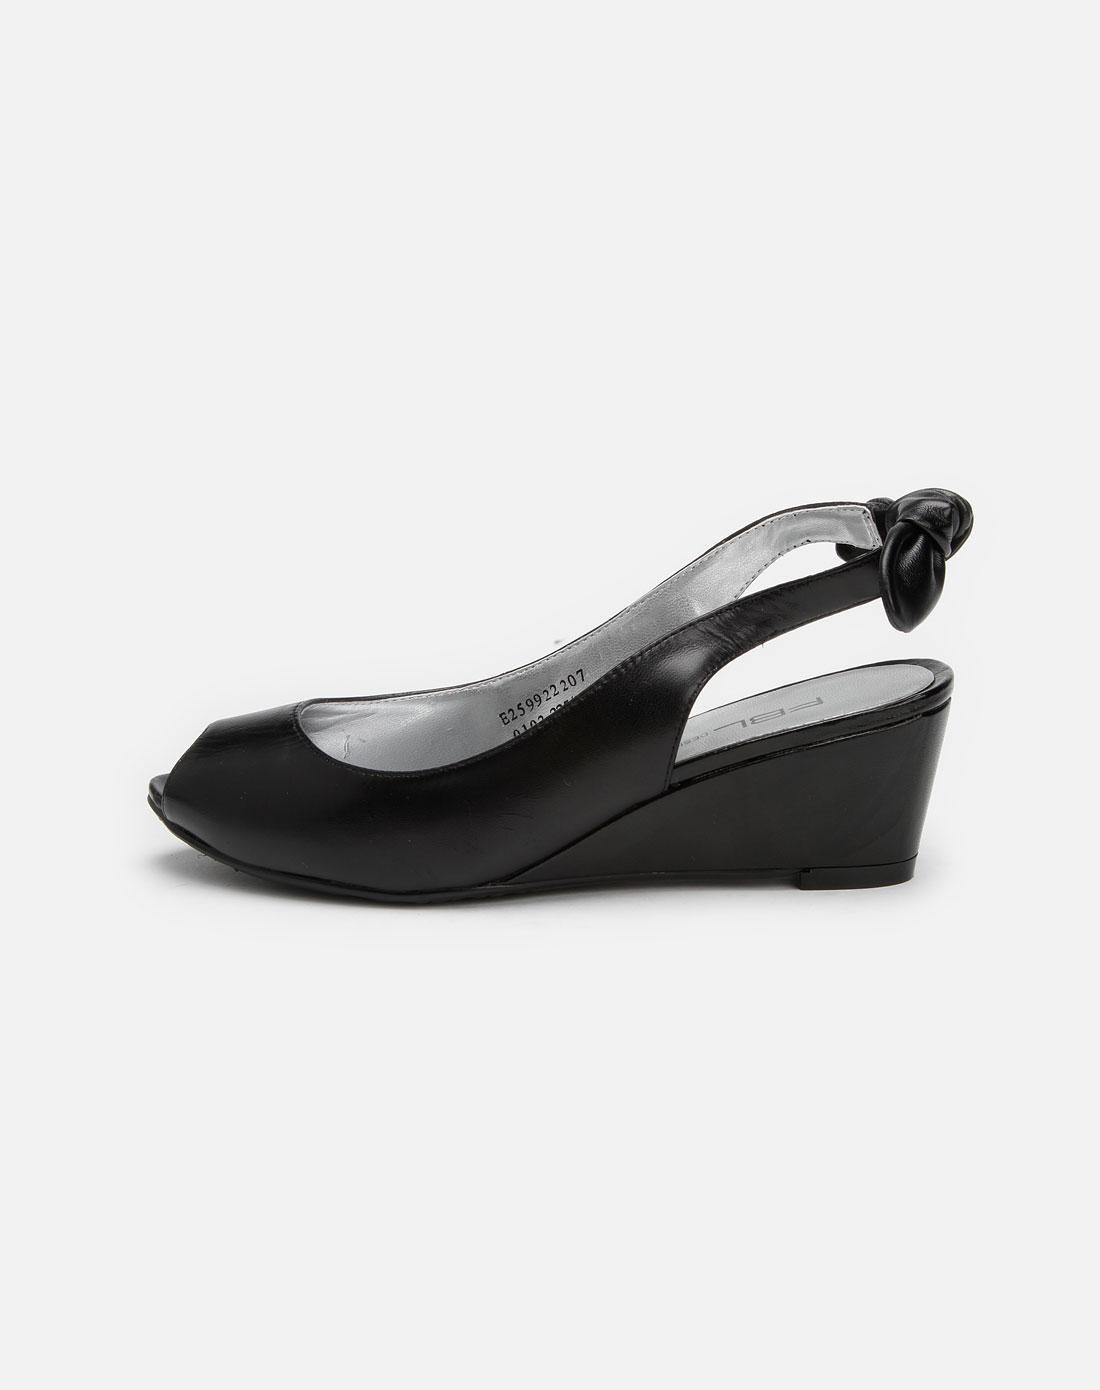 菲伯丽尔fbl黑色中跟羊皮鞋